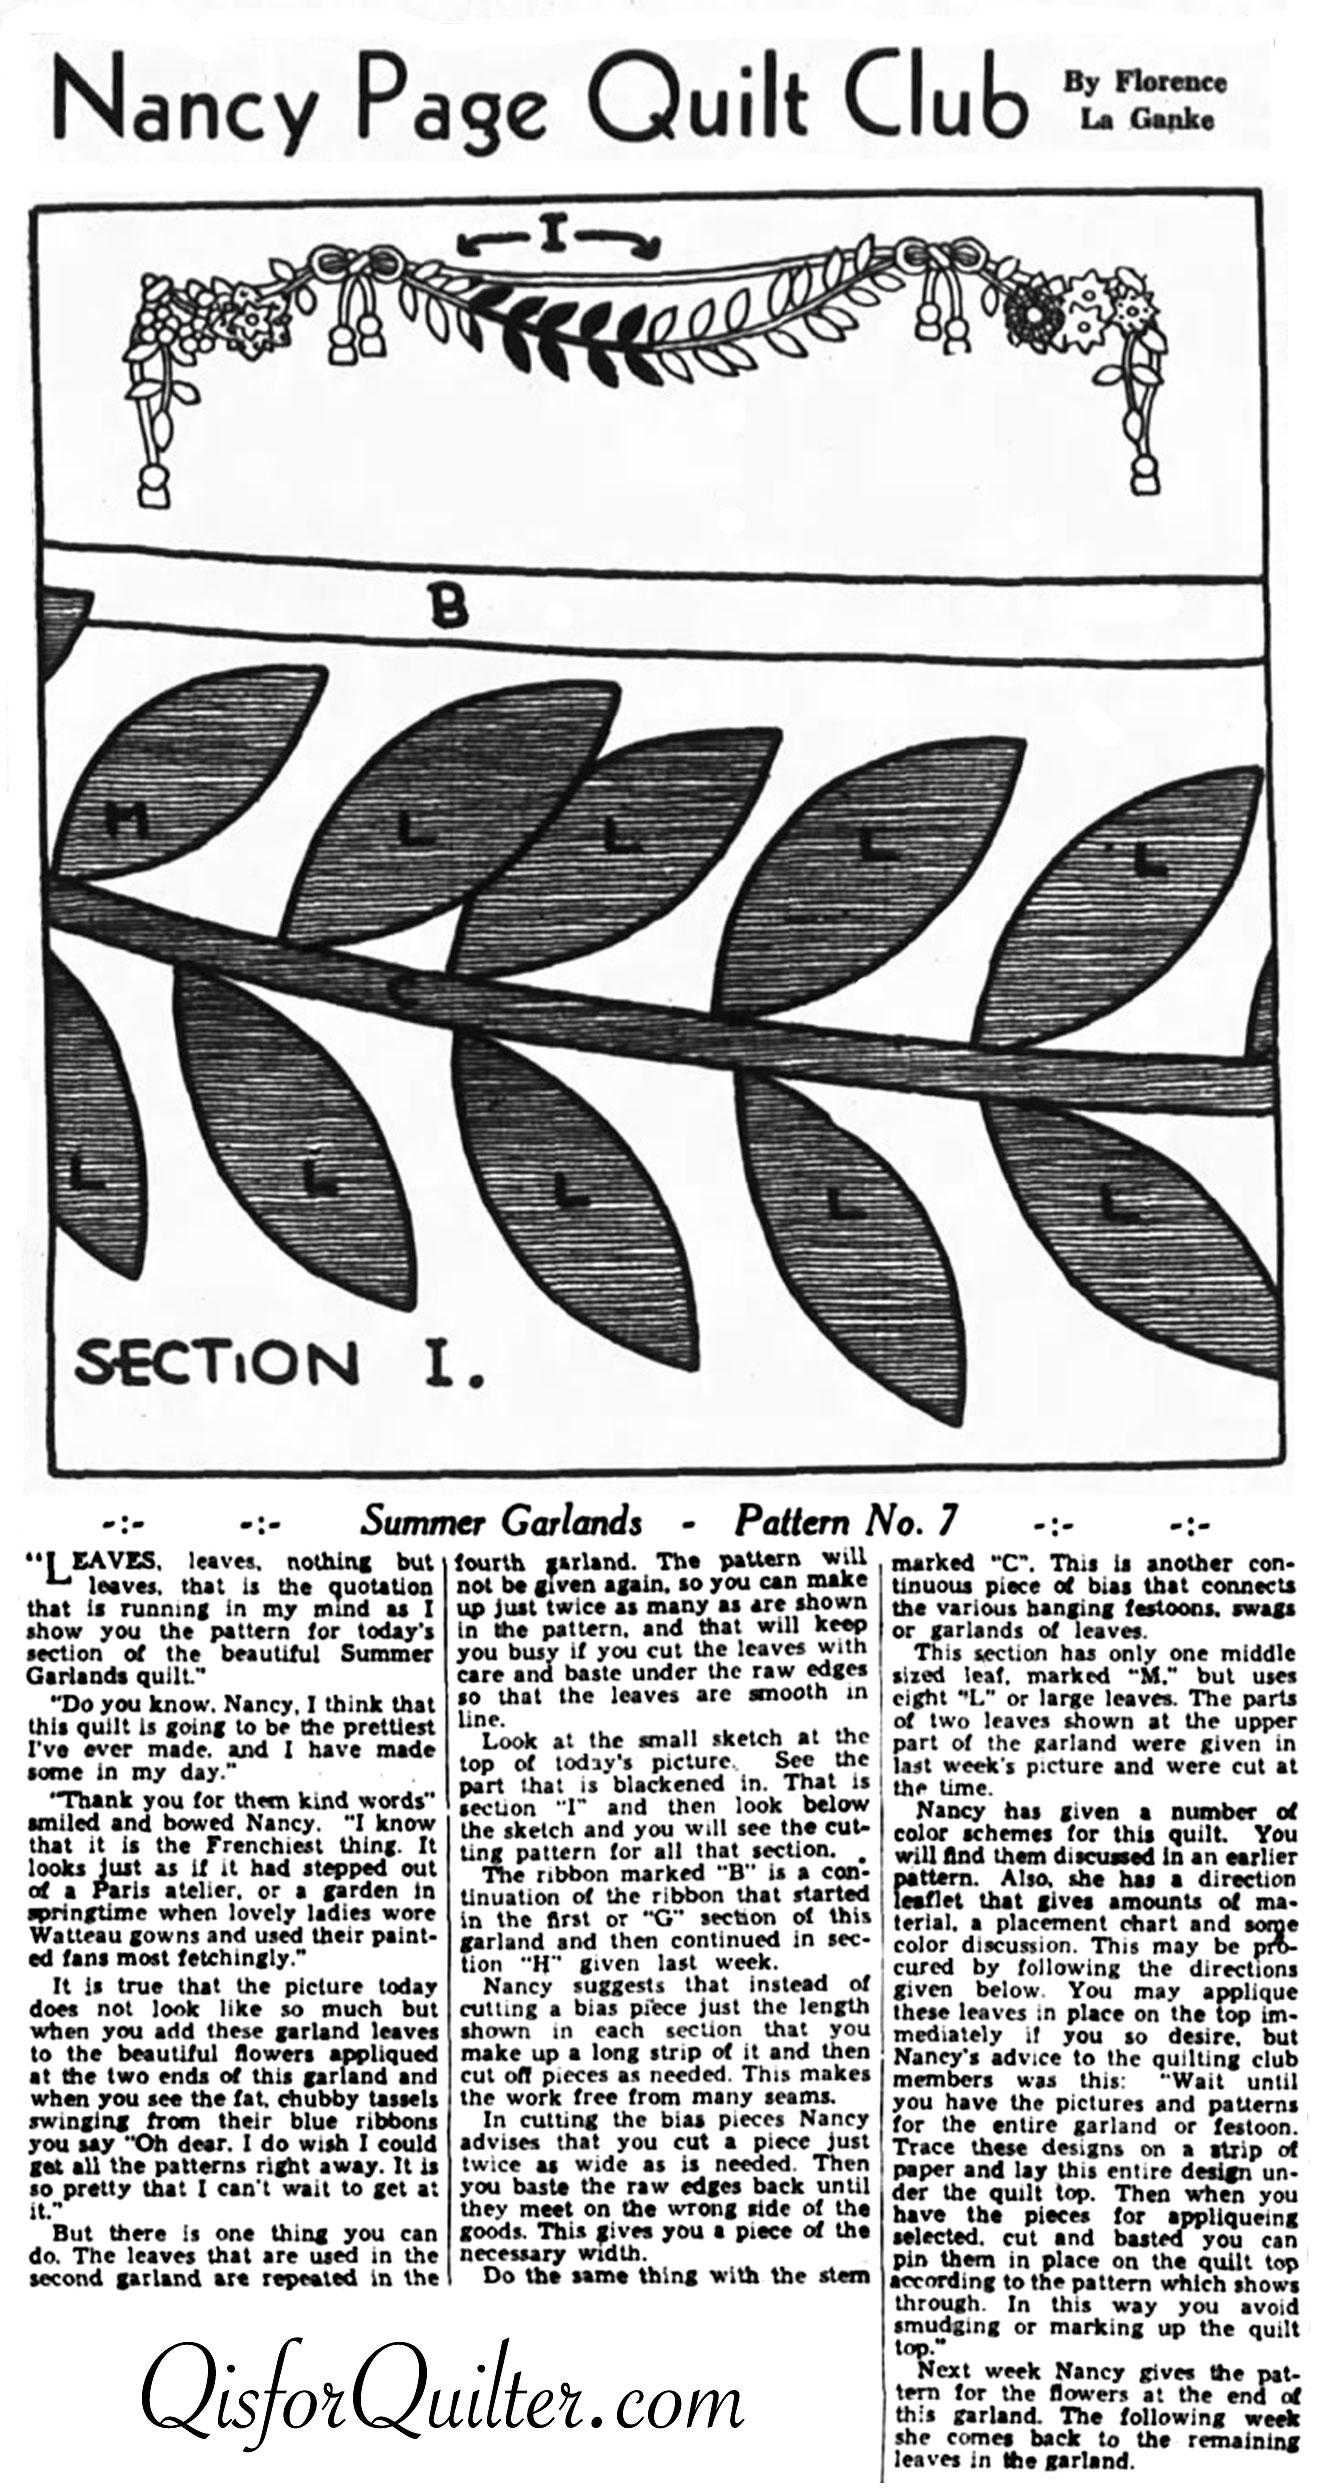 Nancy-Page-Summer-Garlands-pattern-7